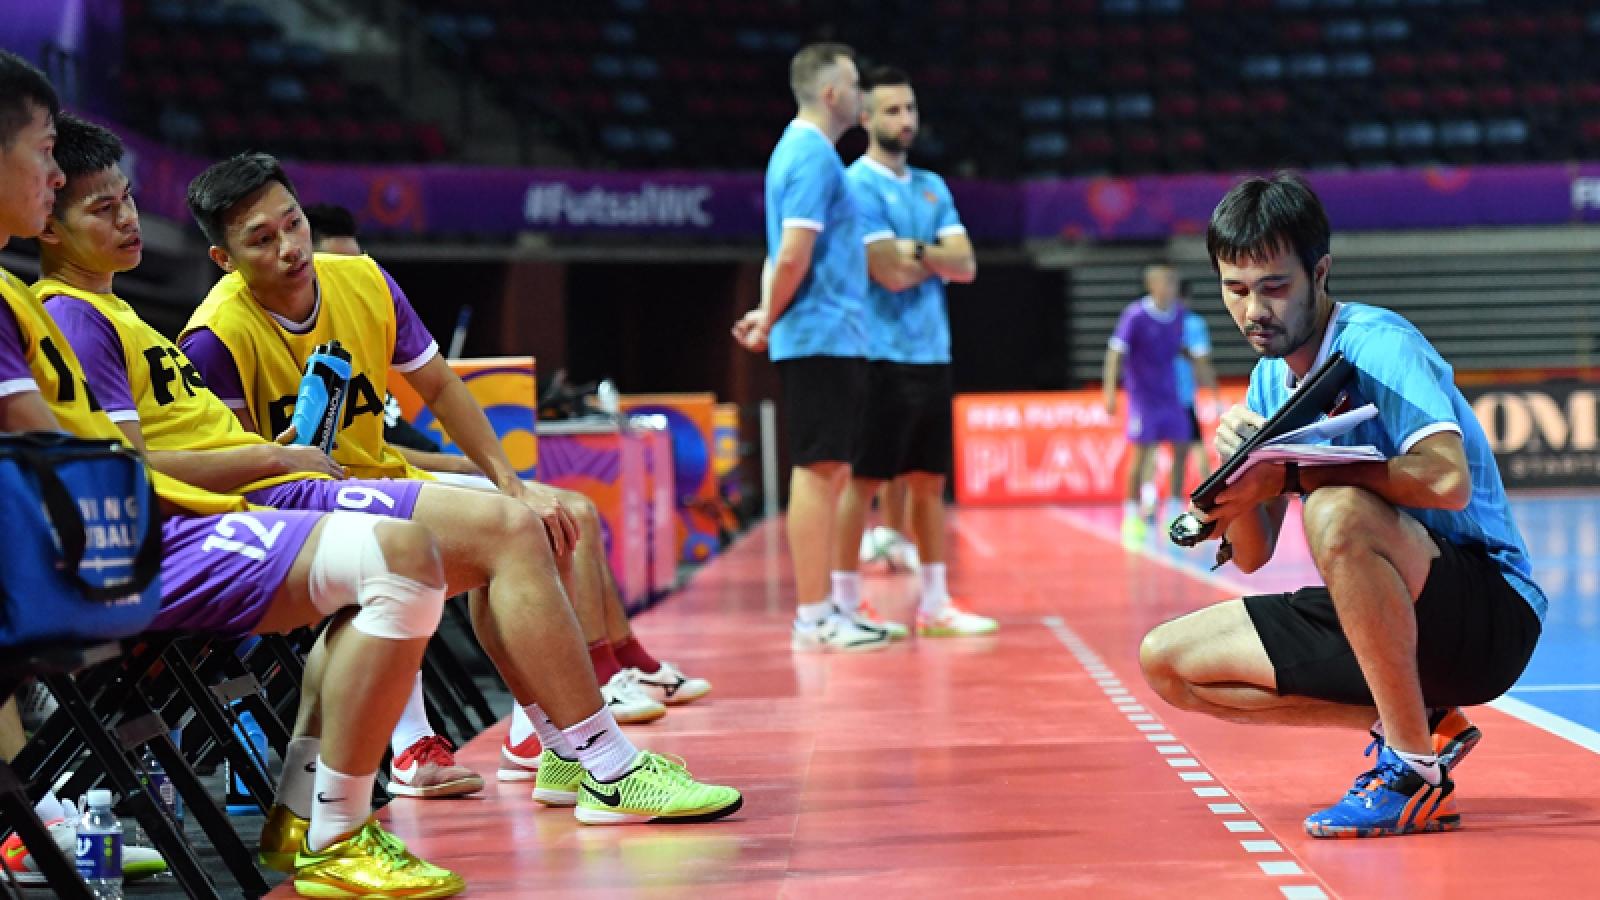 ĐT Futsal Việt Nam đã có phương án đối phó với ĐT Futsal Brazil